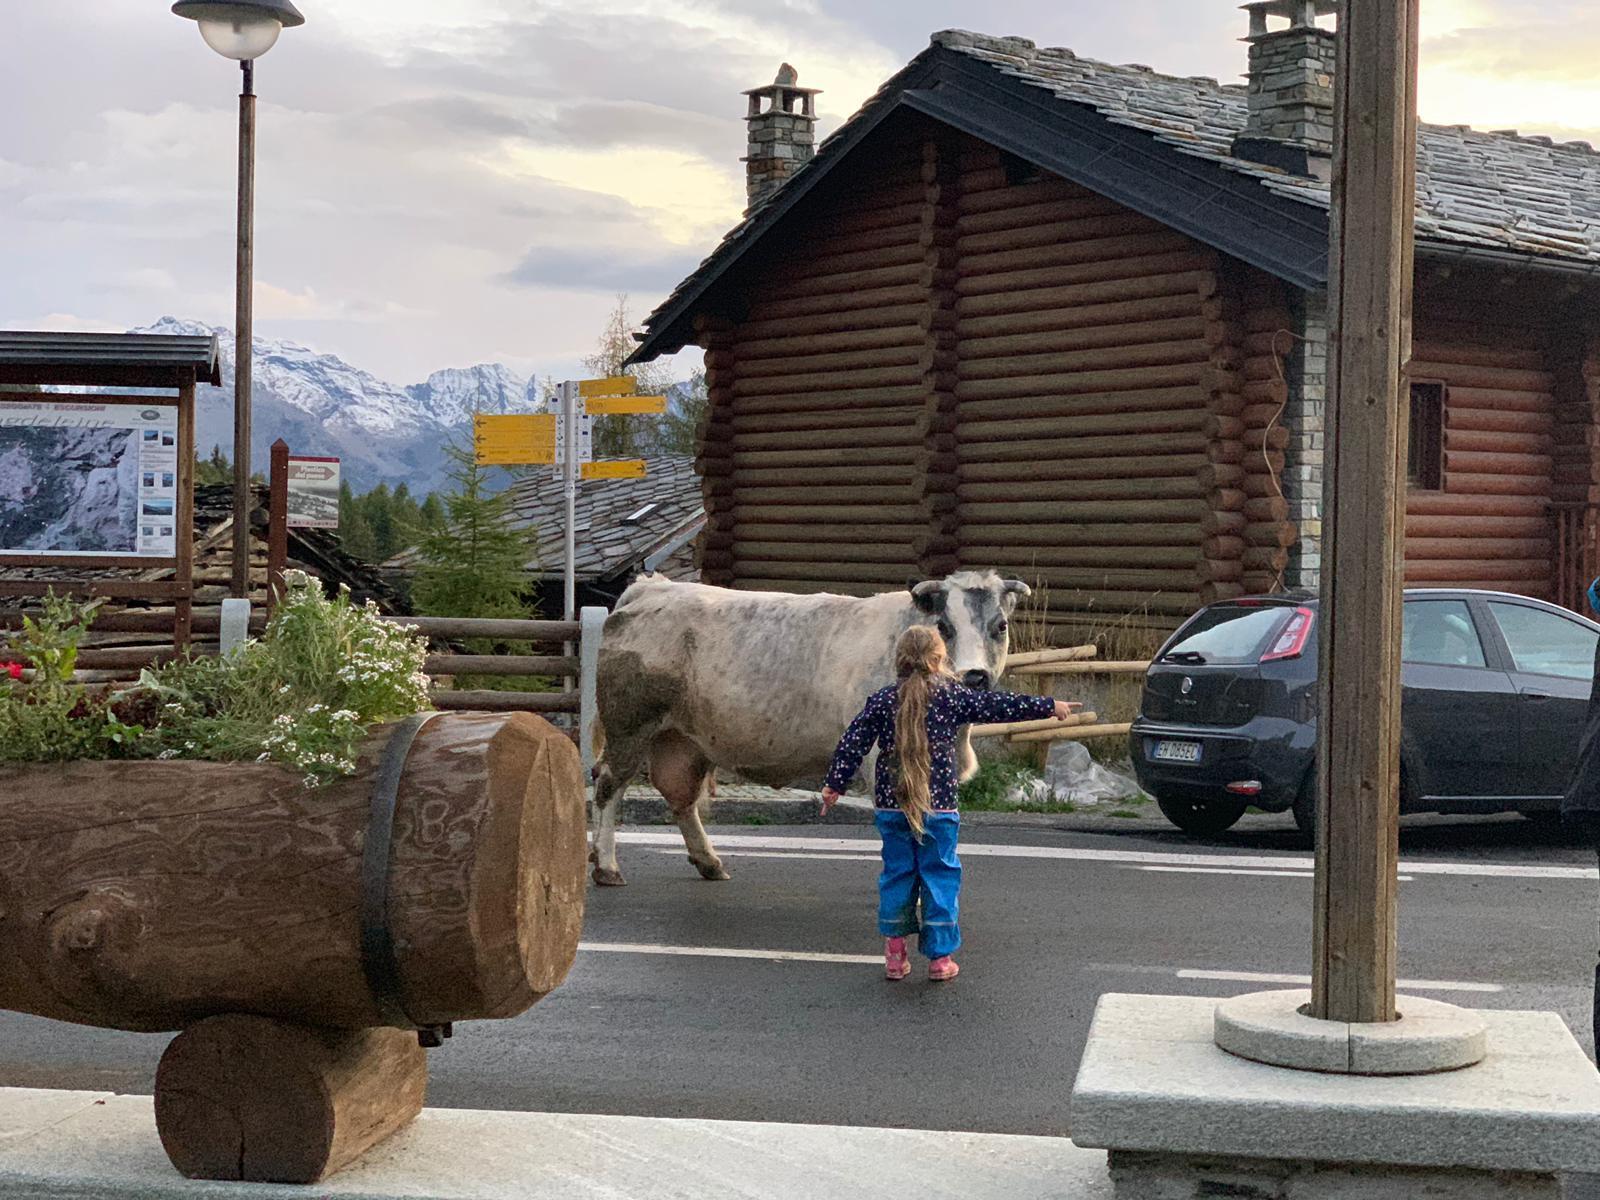 Horsky domcurik - Nase vikendy..dcera usmernuje dopravu:) a Uliva (krava) ju ma V pazi